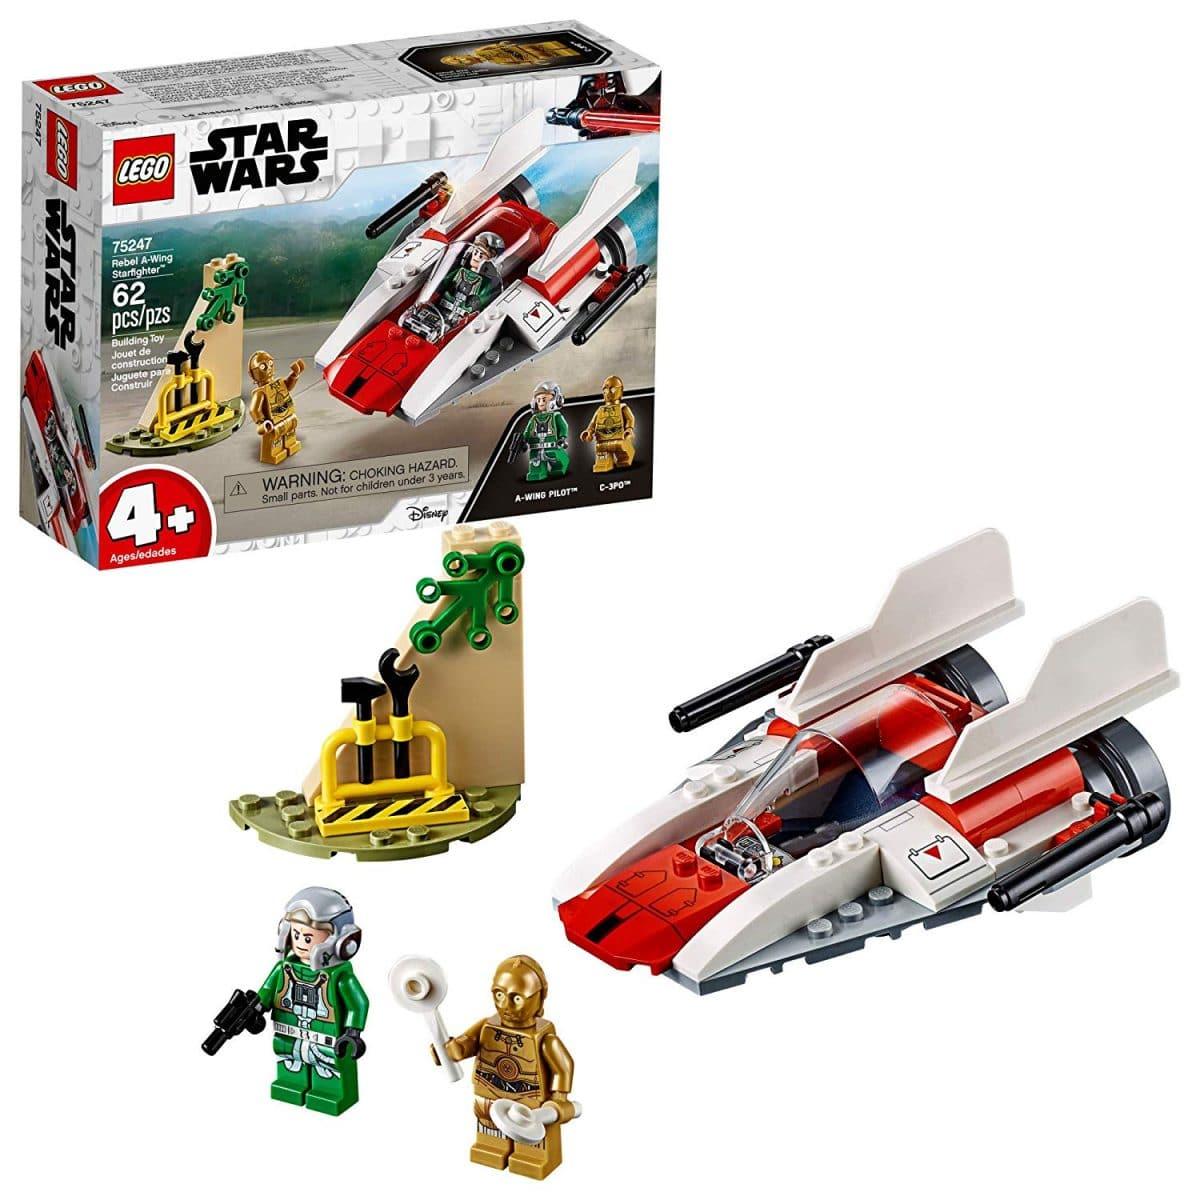 Lego UK 75208 Star Wars yodas Hut Star Wars Jouet